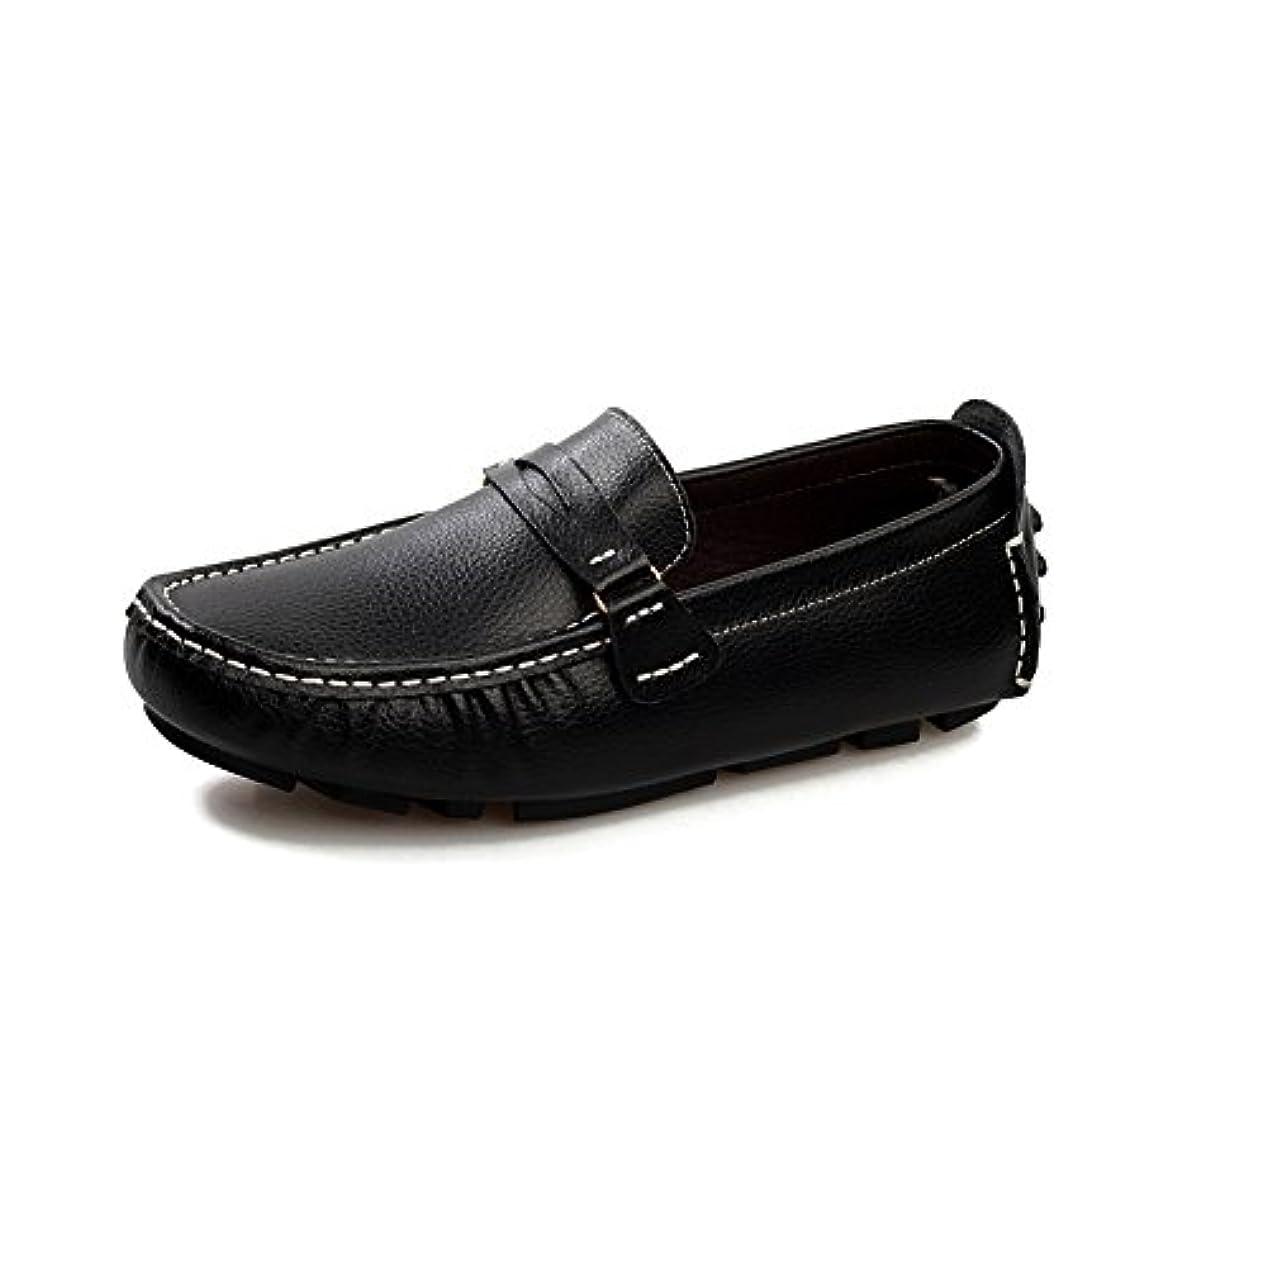 イースター杖アクセル天豊 メンズ ビジネス靴ローファーセットの足スリッポン カジュアルシューズ ドライビングシューズ革の靴大きいサイズ24.5-28.5CM 軽量